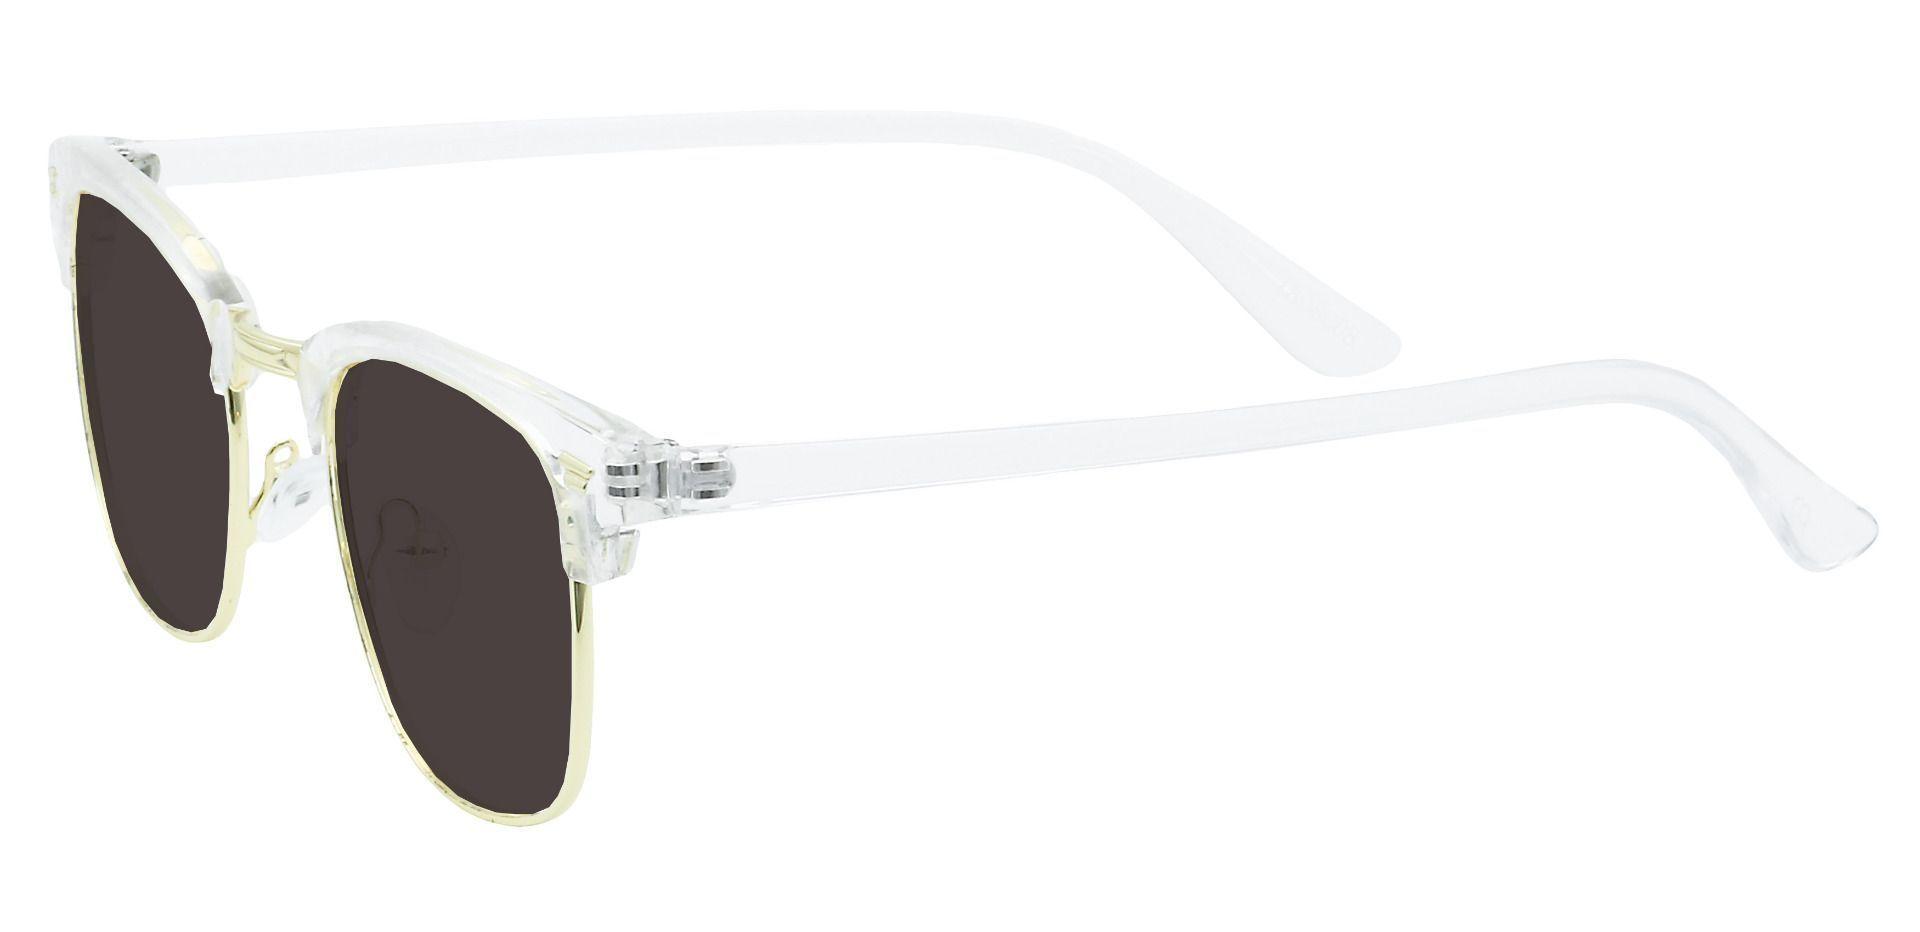 Ella Browline Prescription Sunglasses - Clear Frame With Gray Lenses